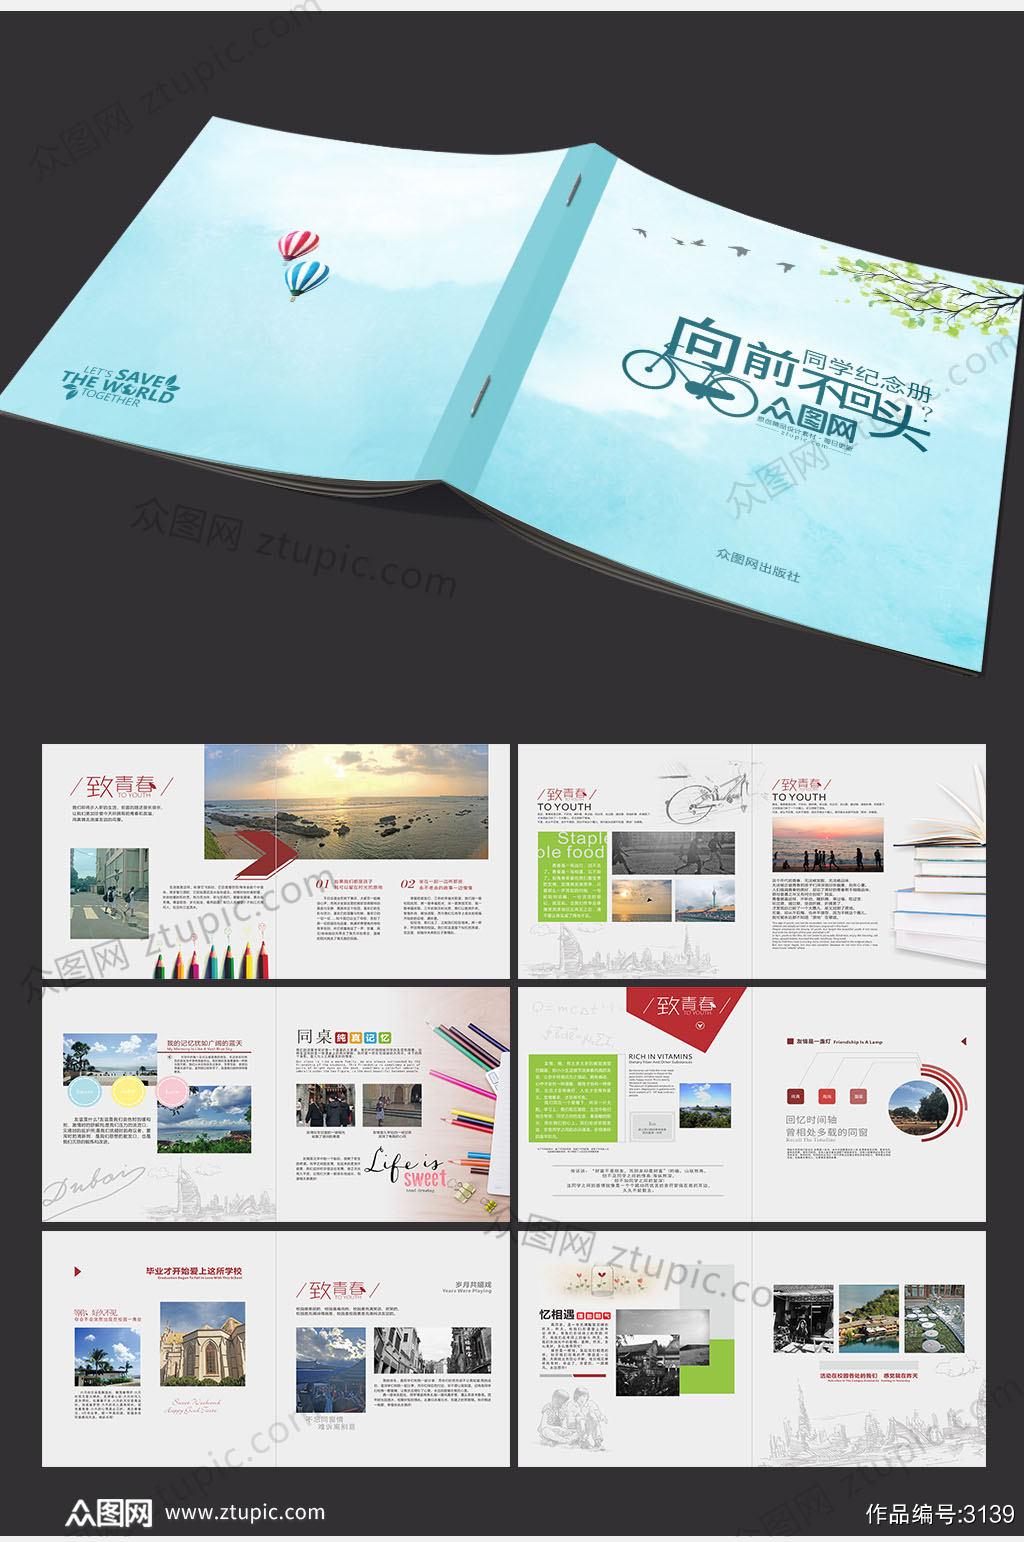 清新简约风格儿童成长教育机构画册封面设计图片大全素材